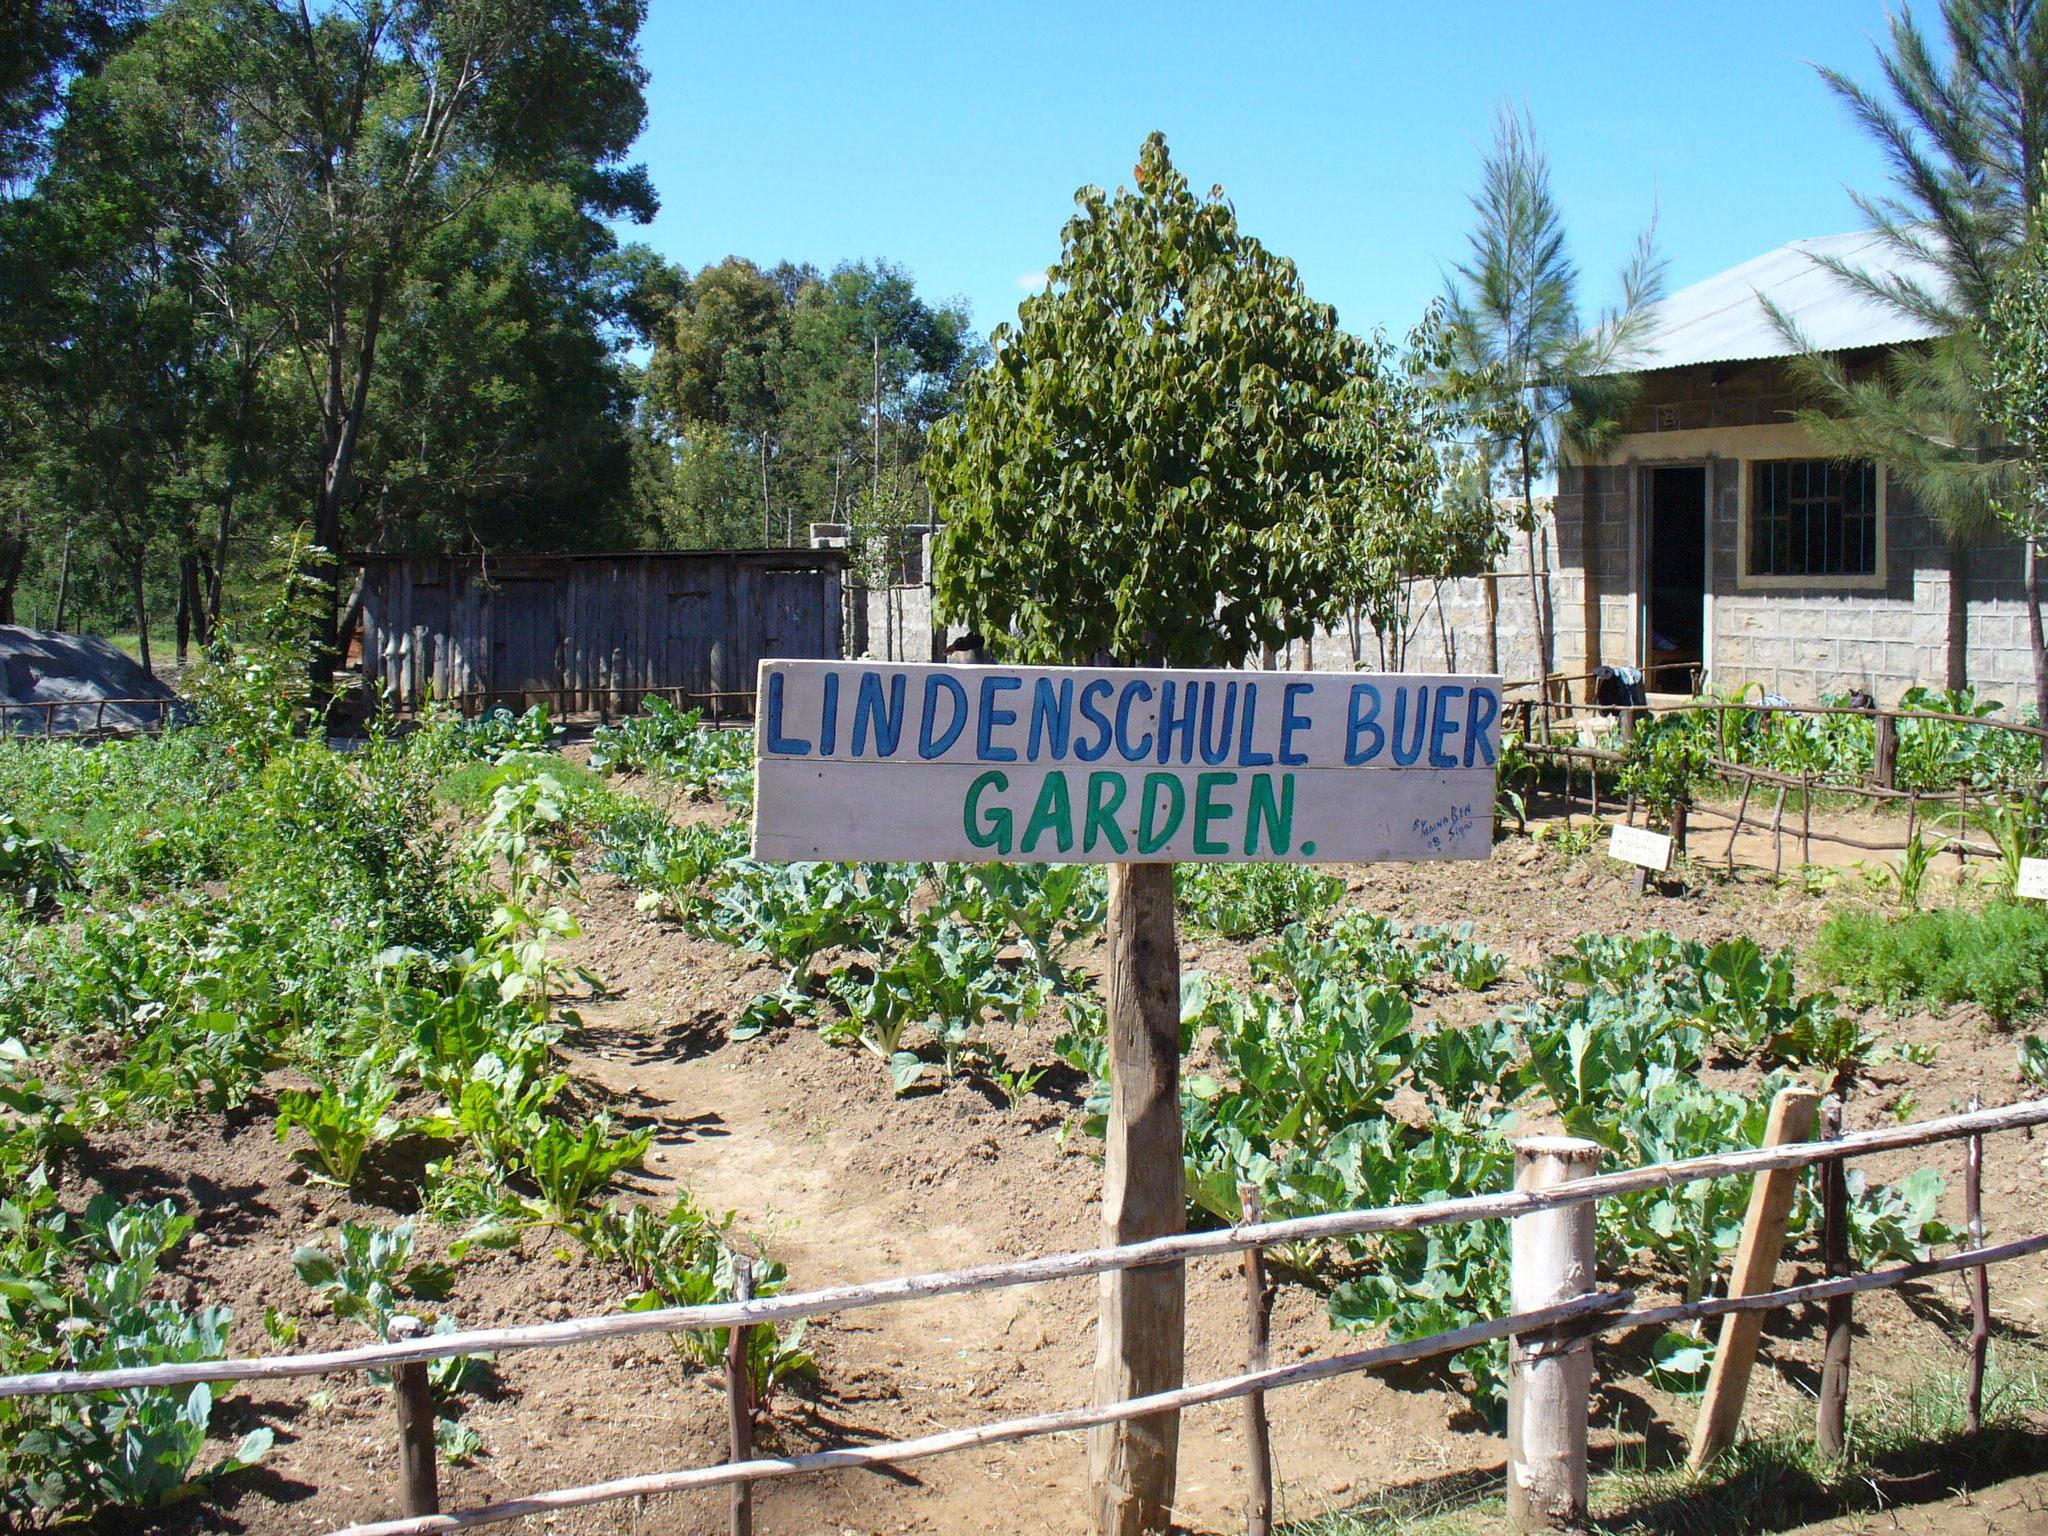 Der Lindenschule-Buer-garden auf dem neuen Innenhof